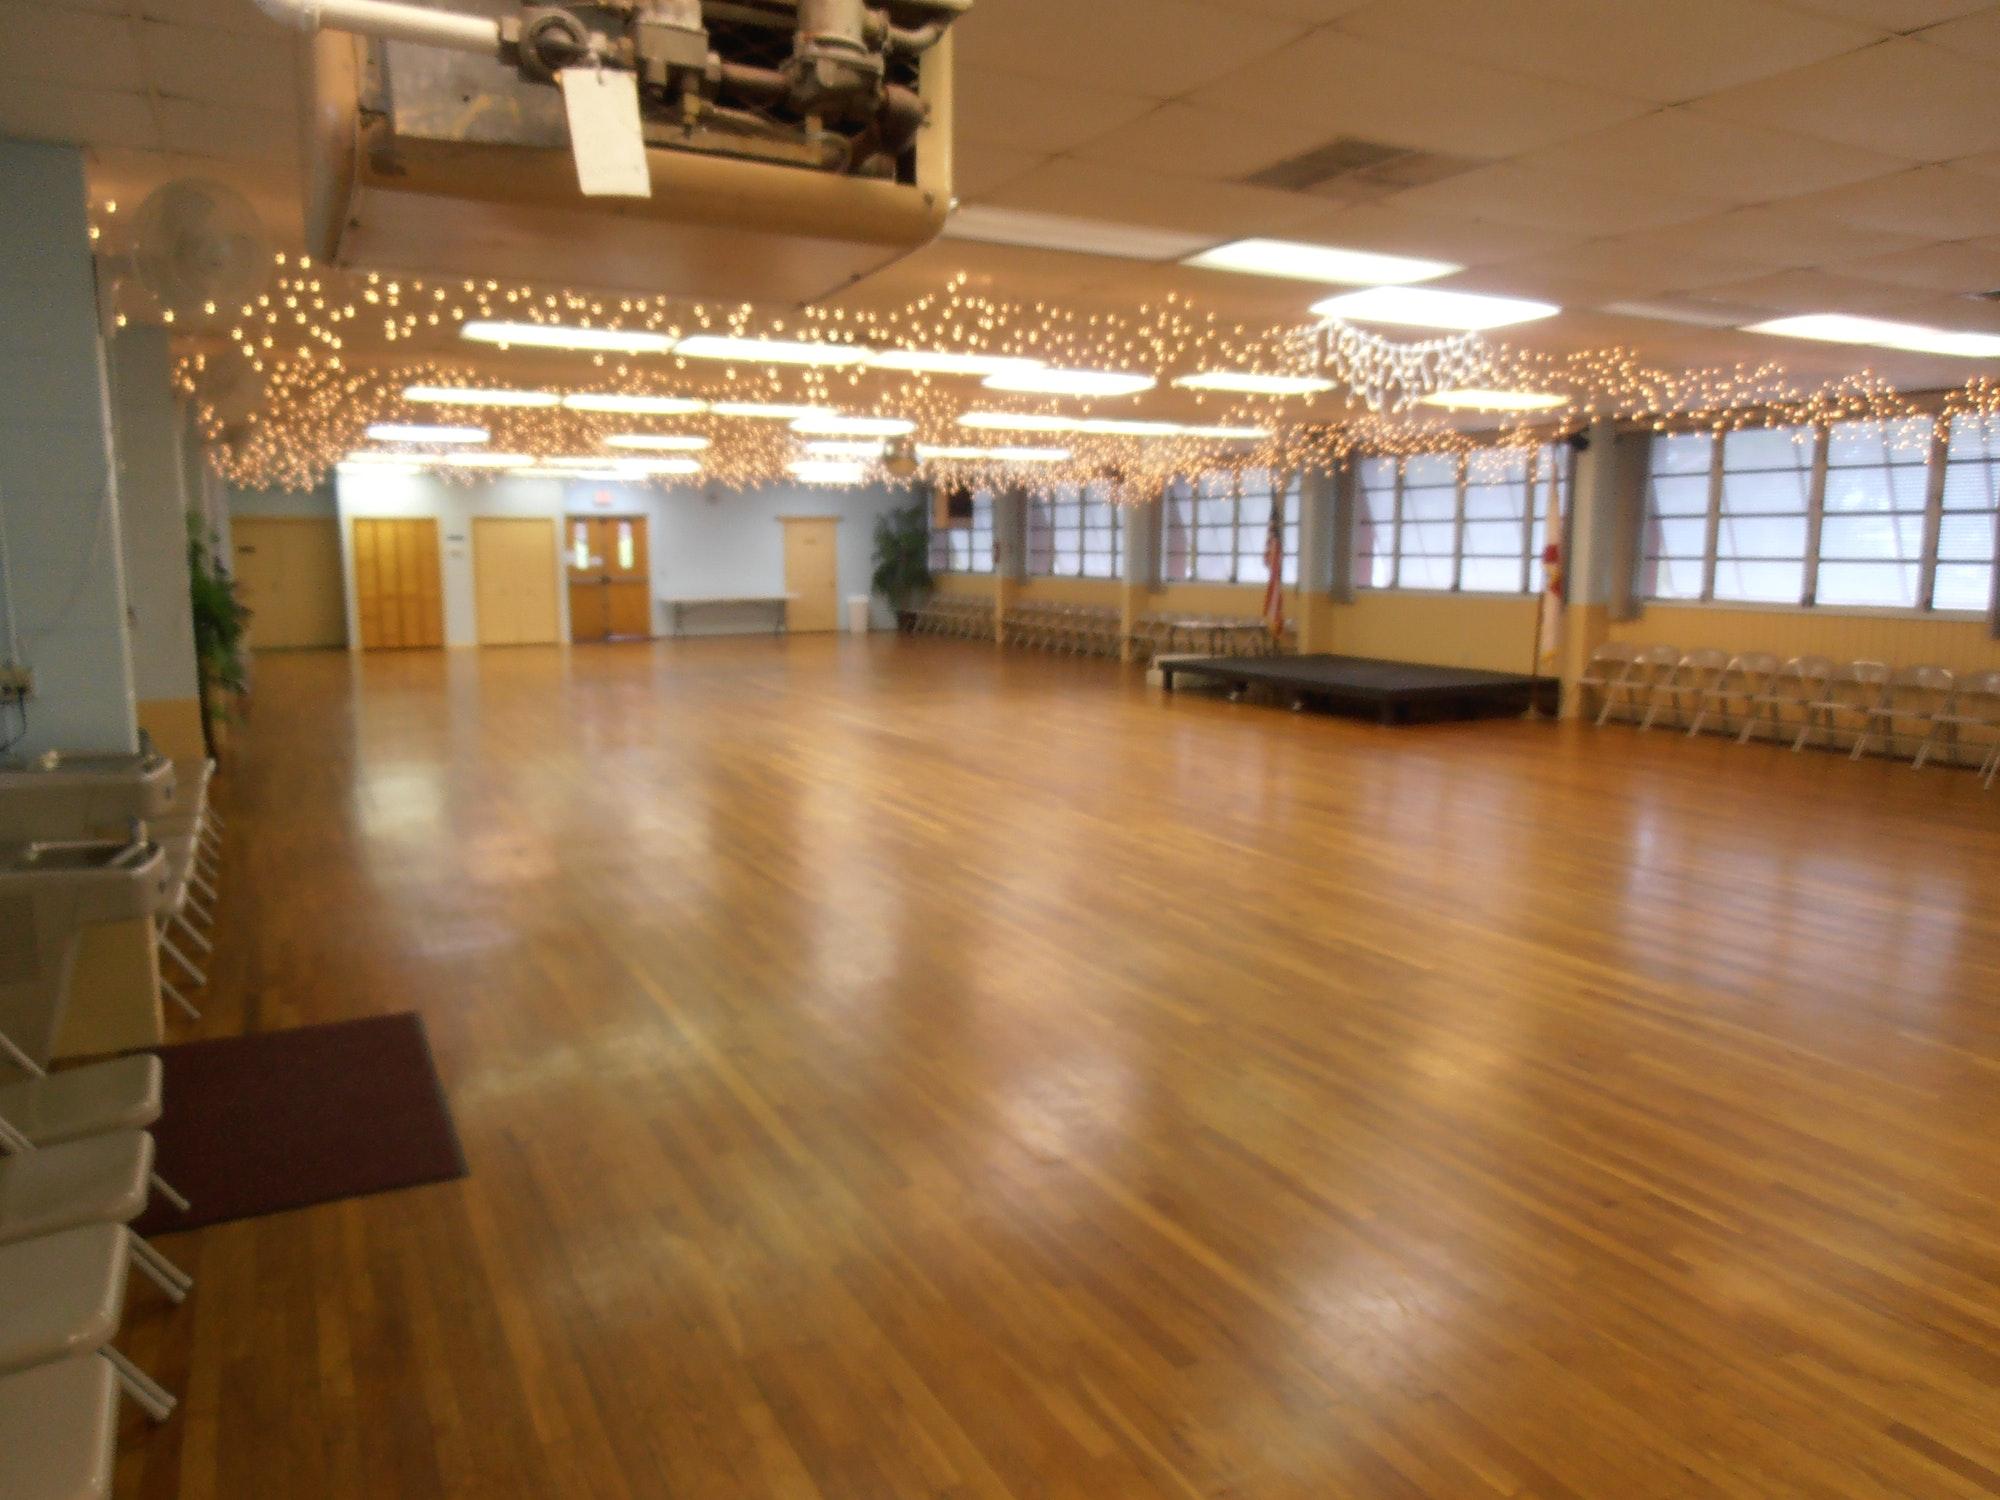 May contain: floor, indoors, room, ballroom, wood, and hardwood